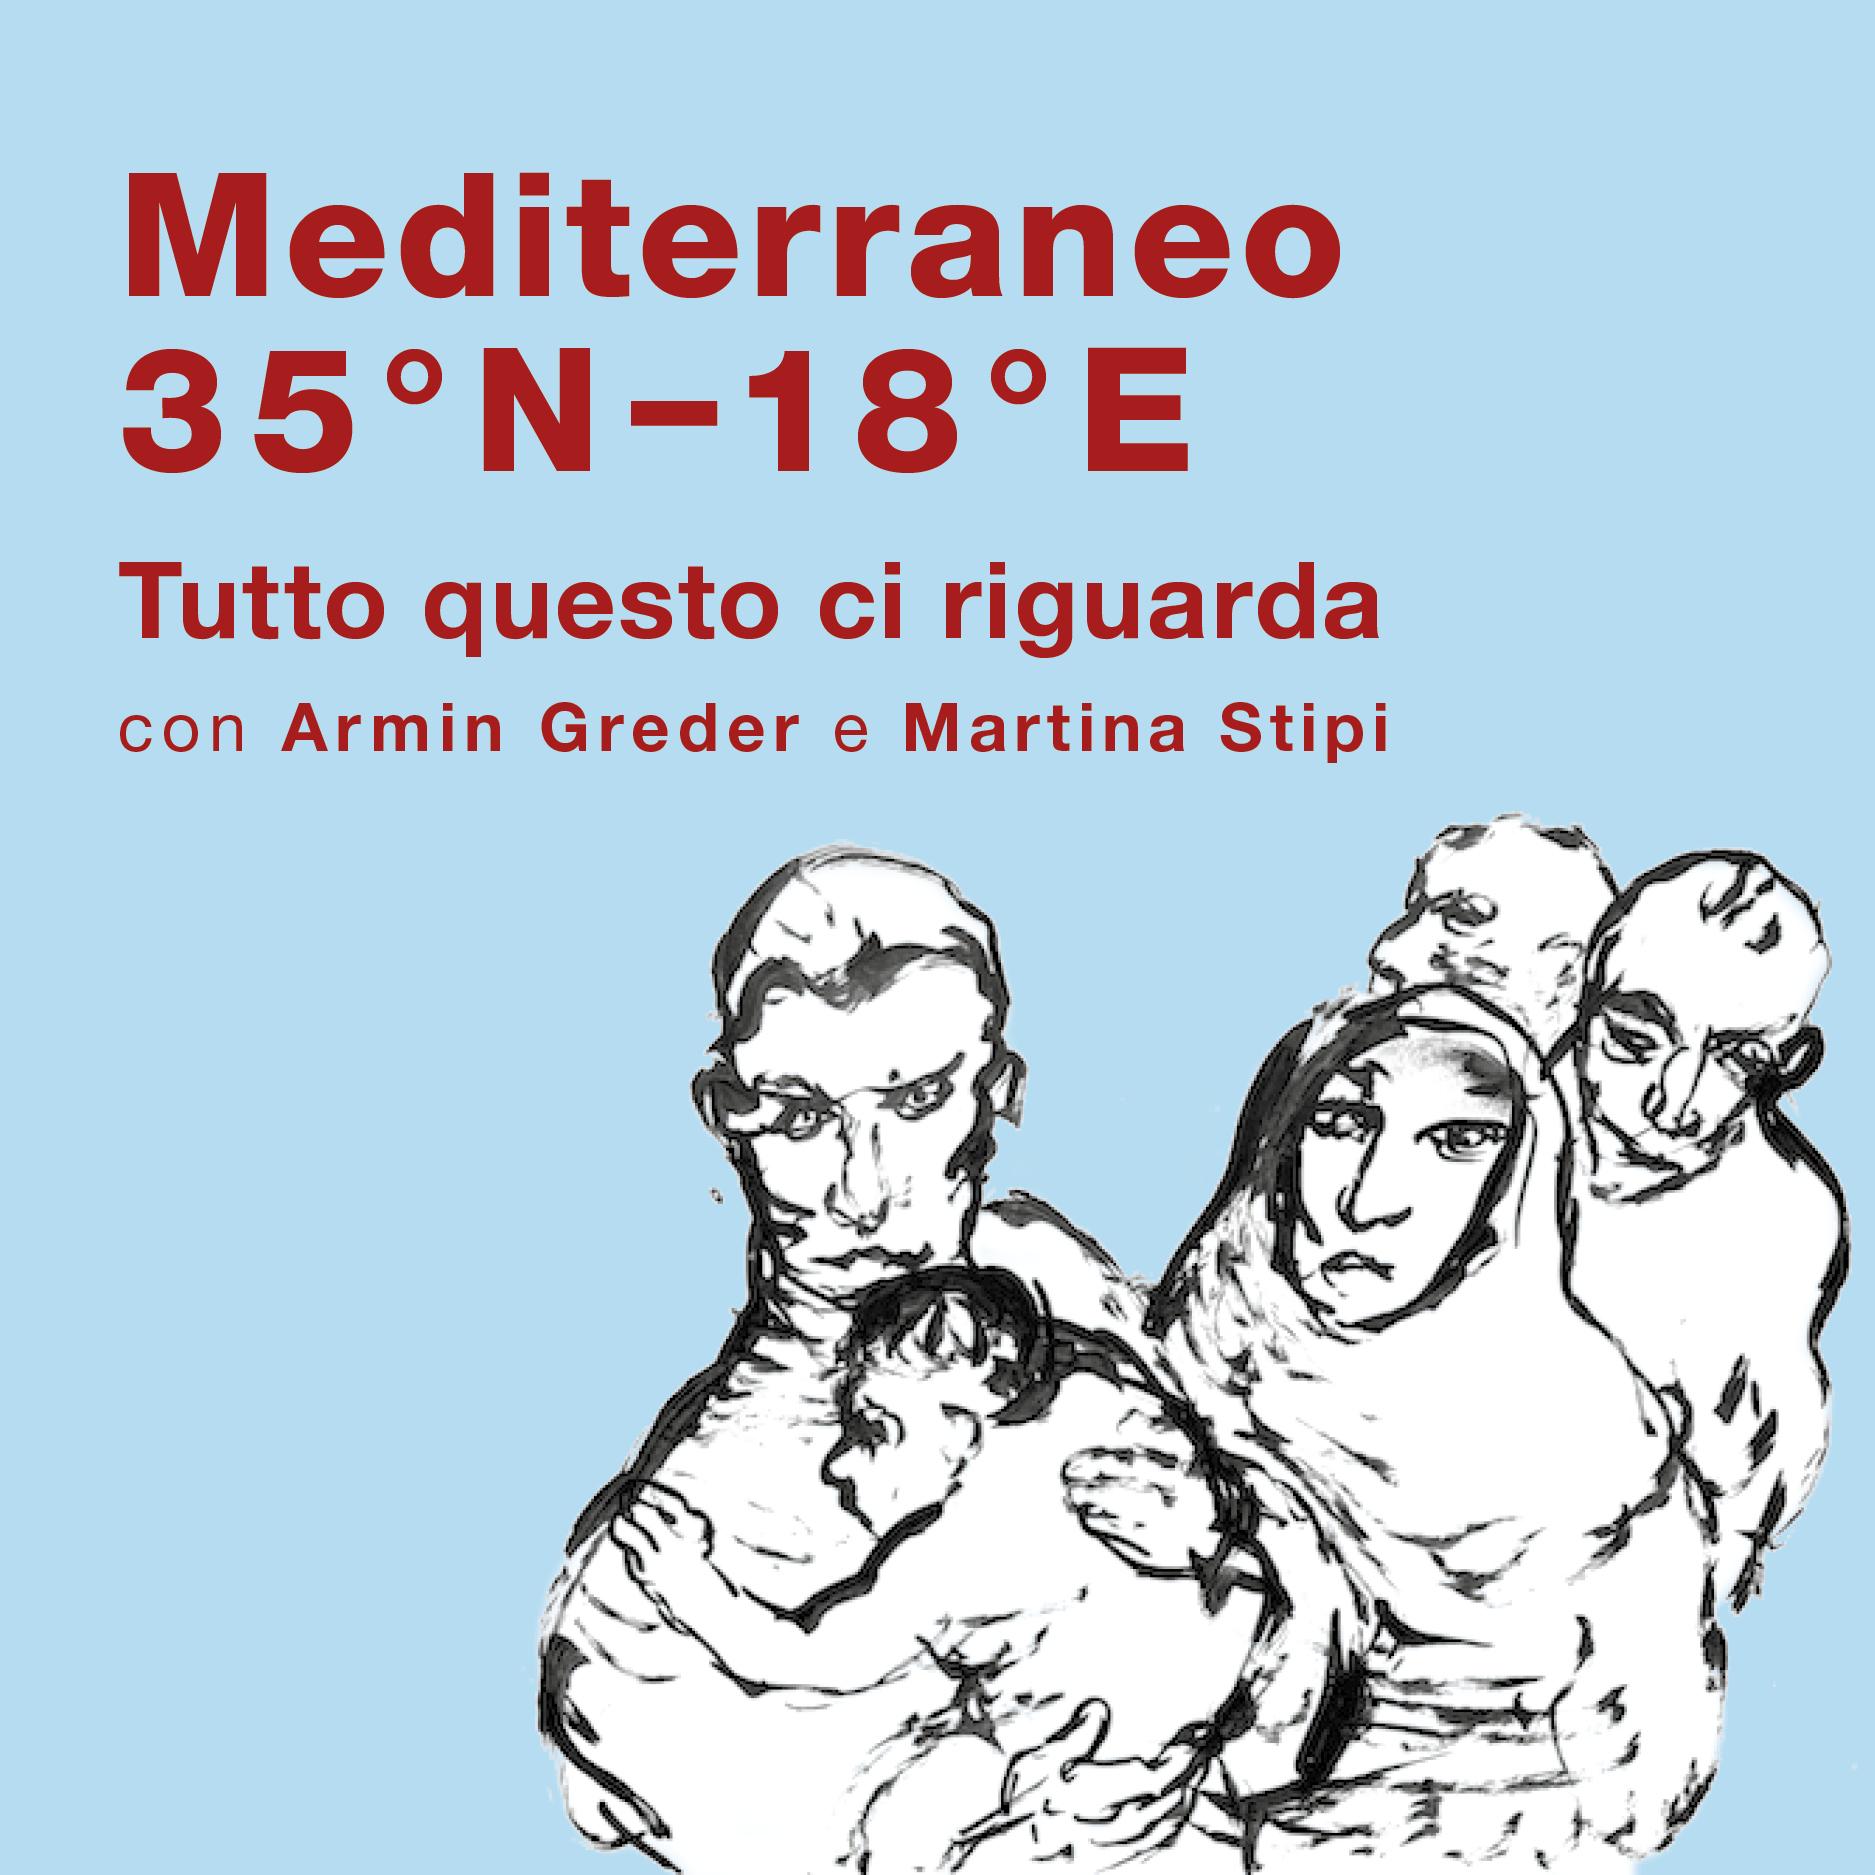 Mediterraneo - 35°N 18°E / Tutto questo ci riguarda